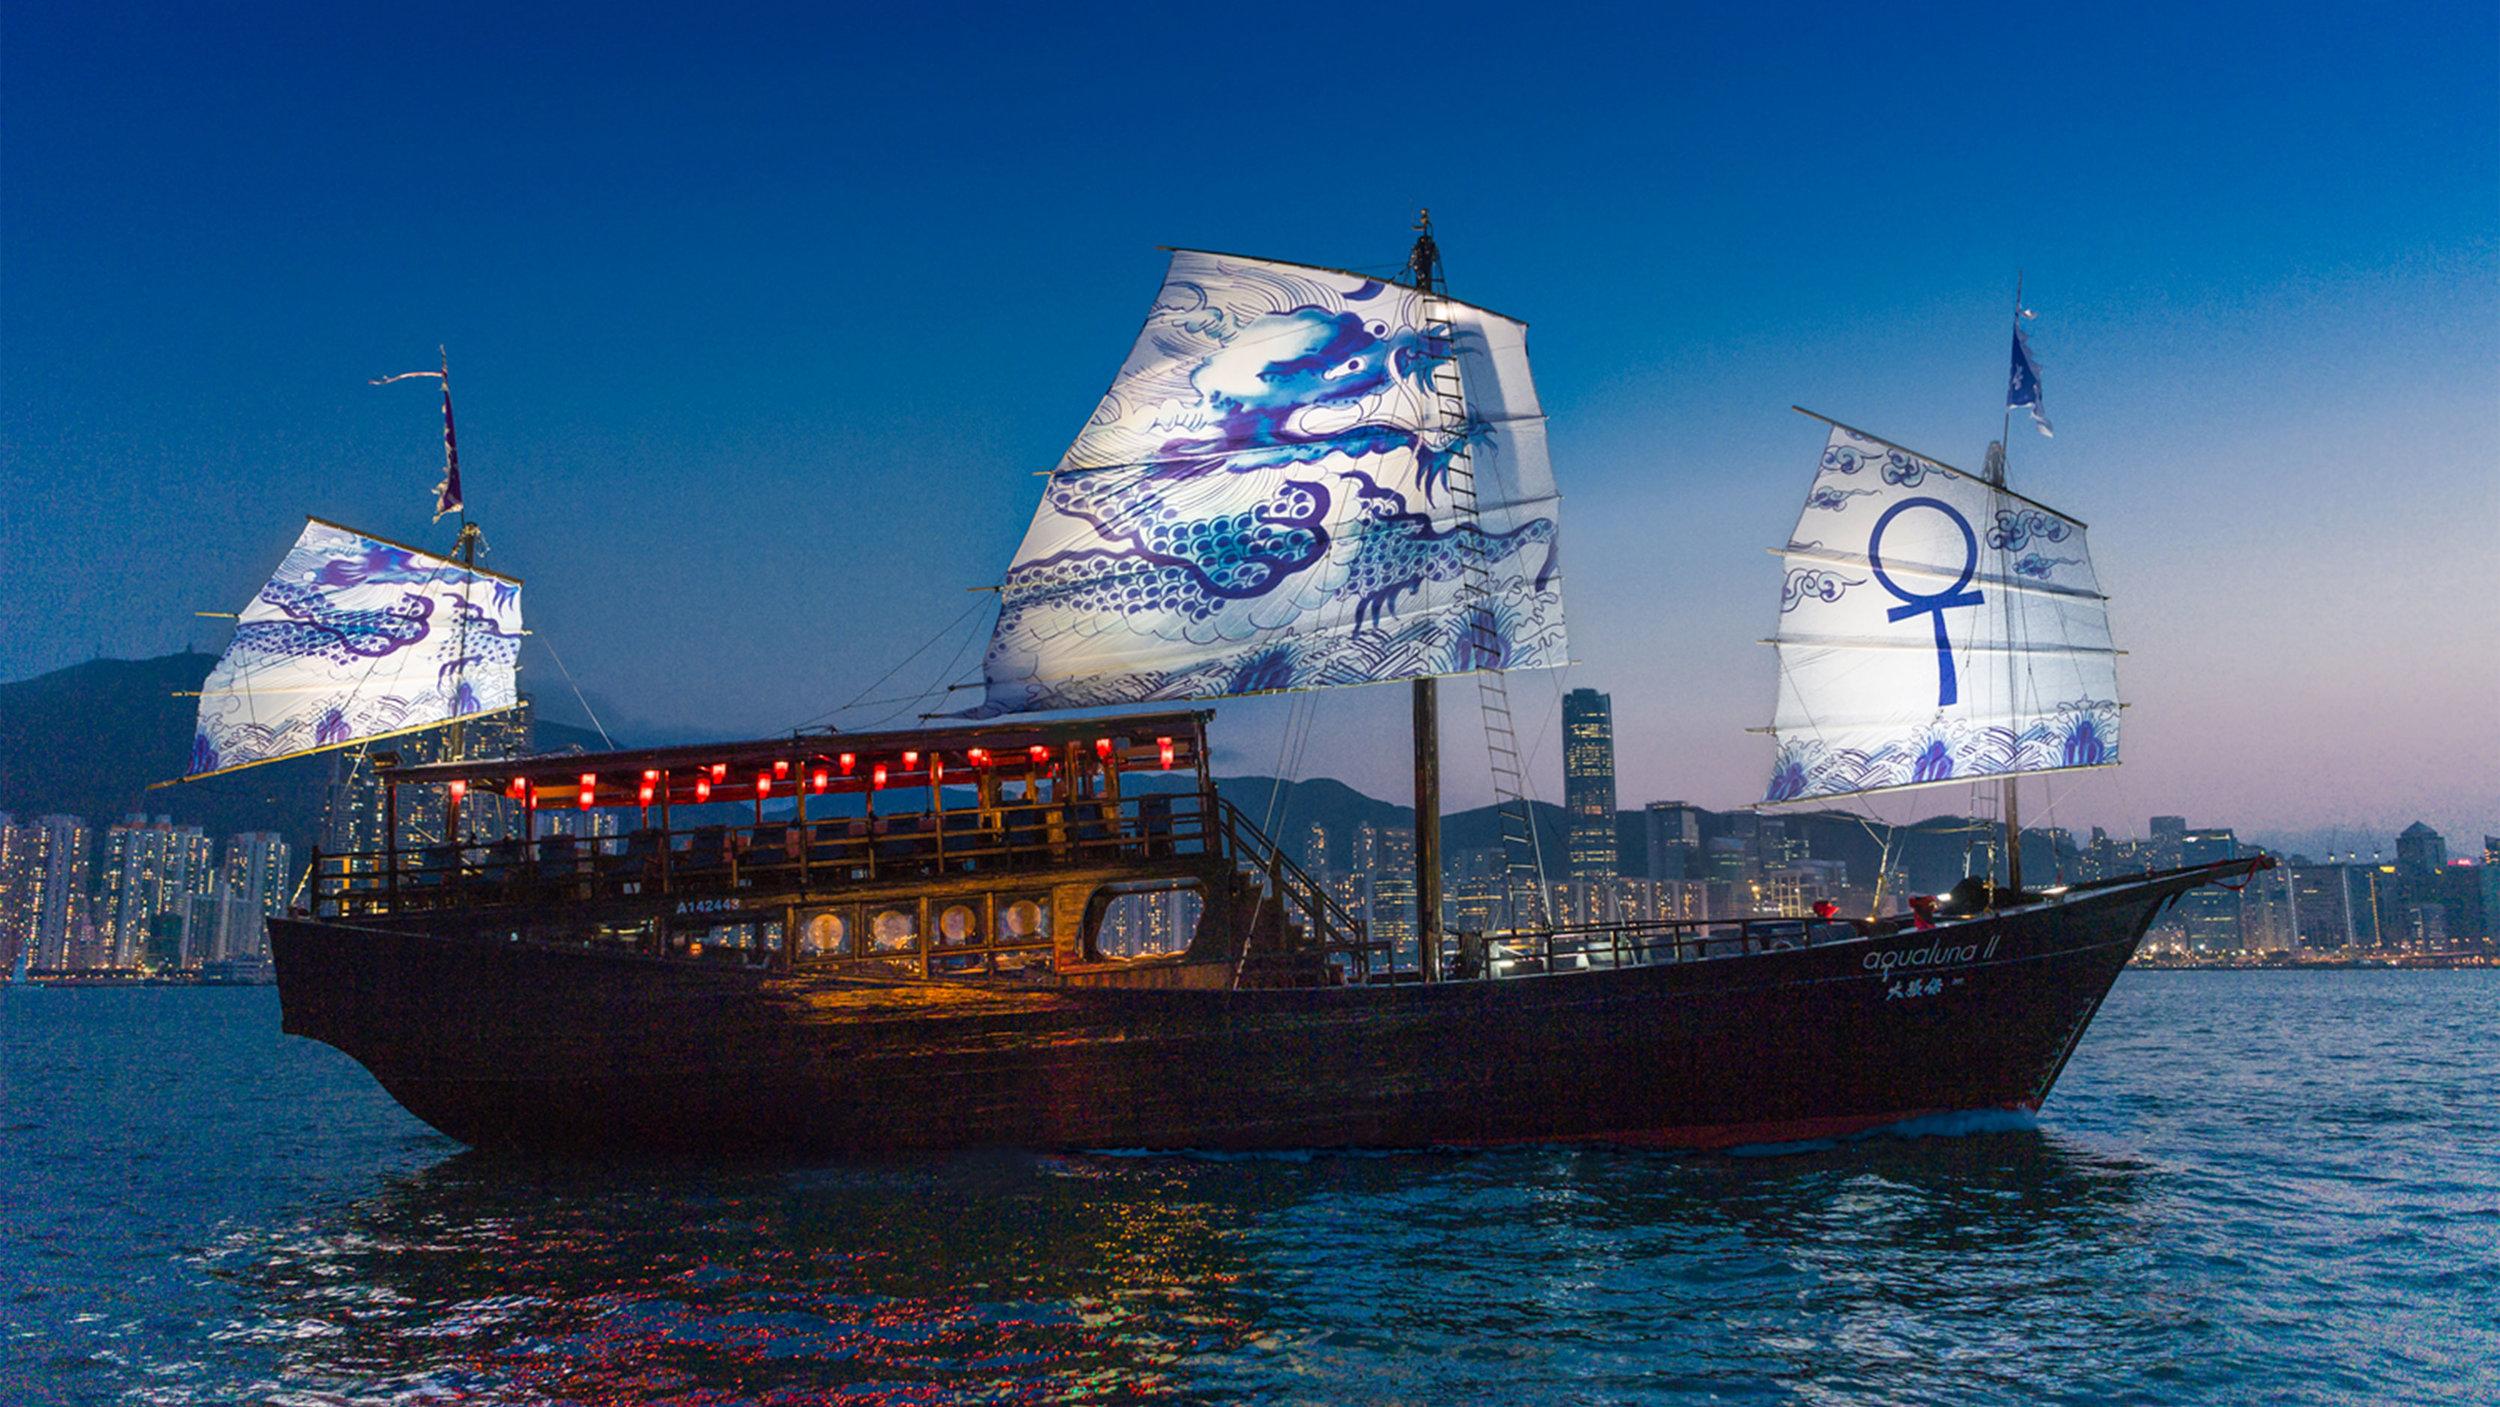 TRIP_ BAR & CLUB_  AQUALUNA.  #Boat #Lounge #Bar #View #Water   https://aqualuna.com.hk